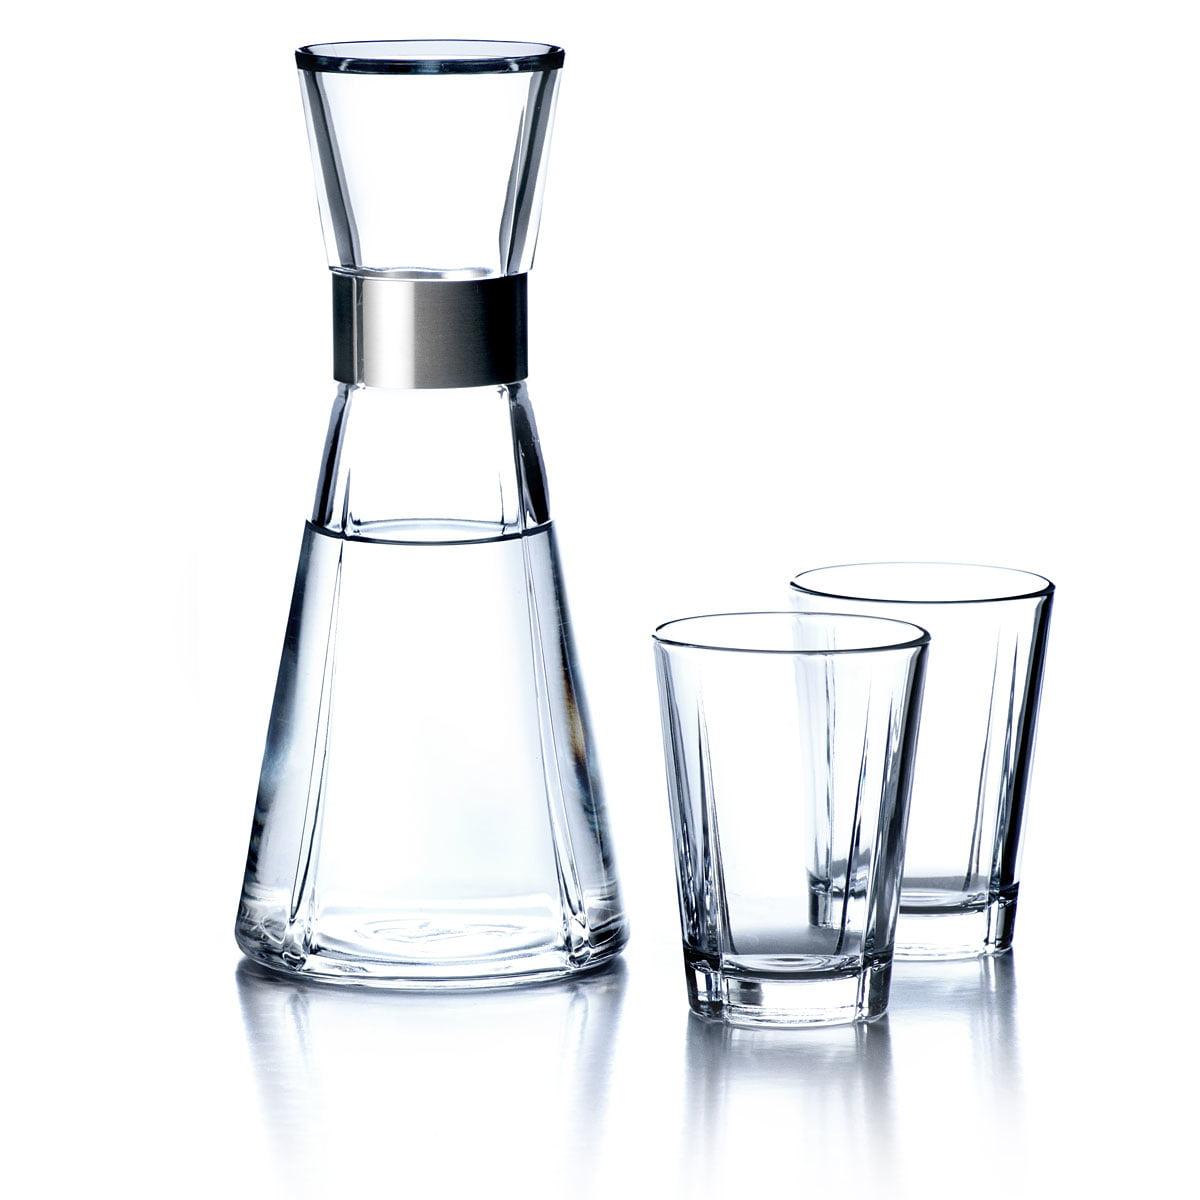 rosendahl grand cru water carafe  glasses - grand cru water carafe with  water glasses by rosendahl